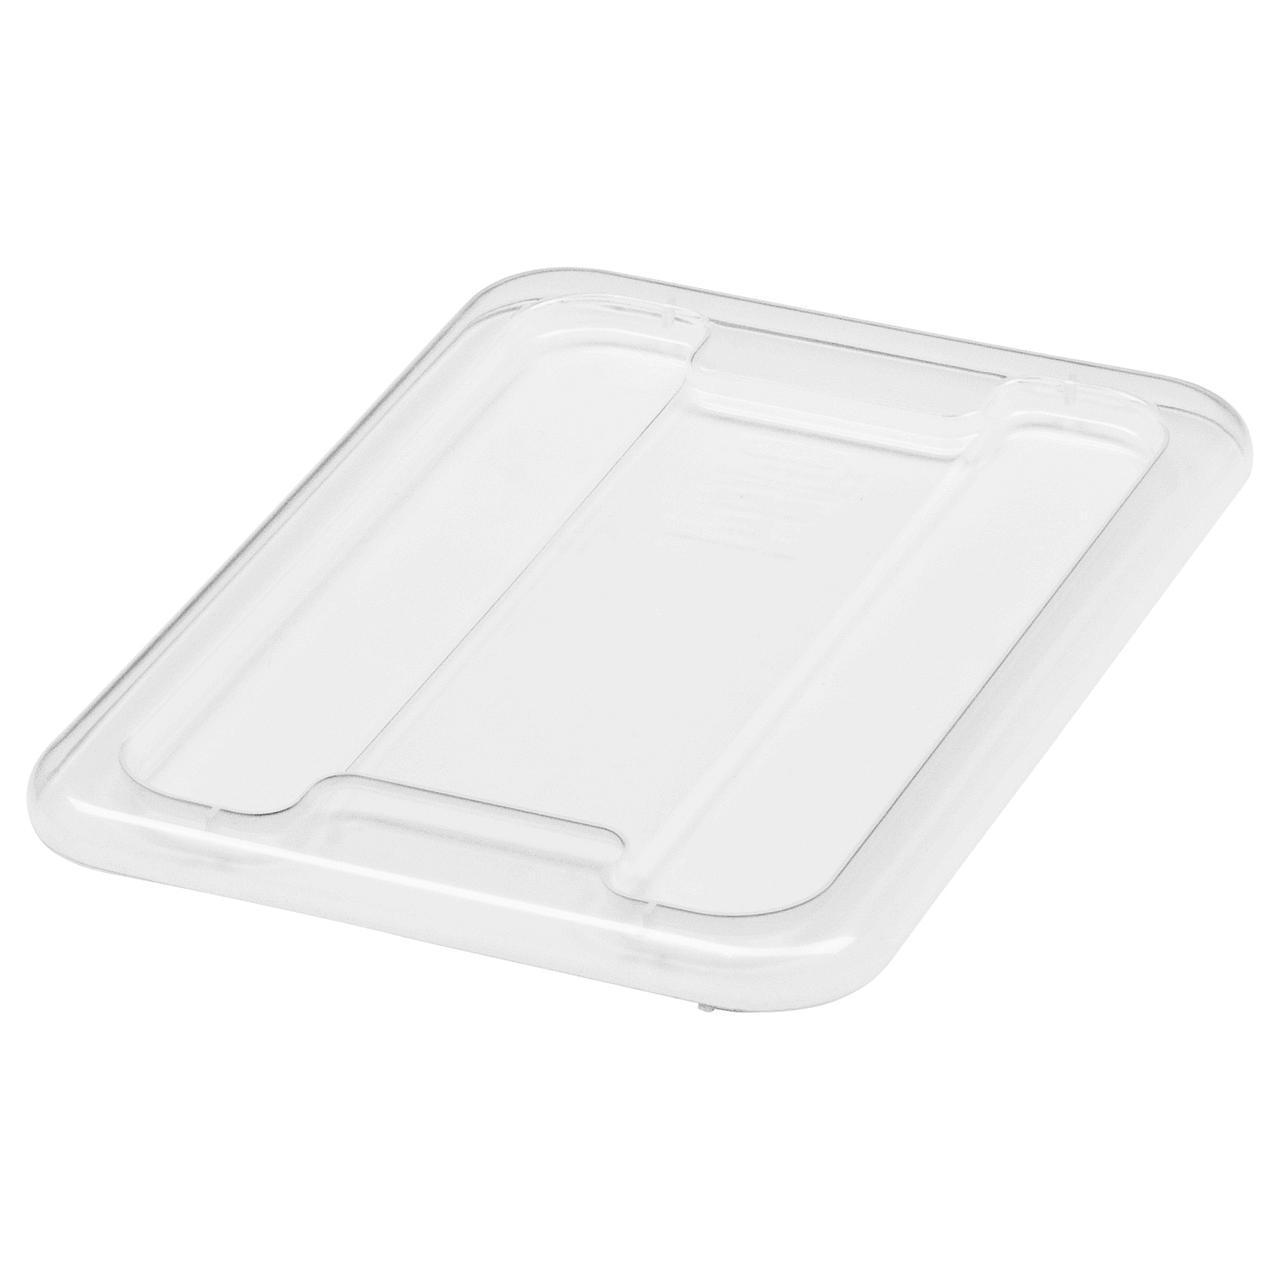 IKEA SAMLA (101.103.00) Крышка 5-литровая, прозрачная